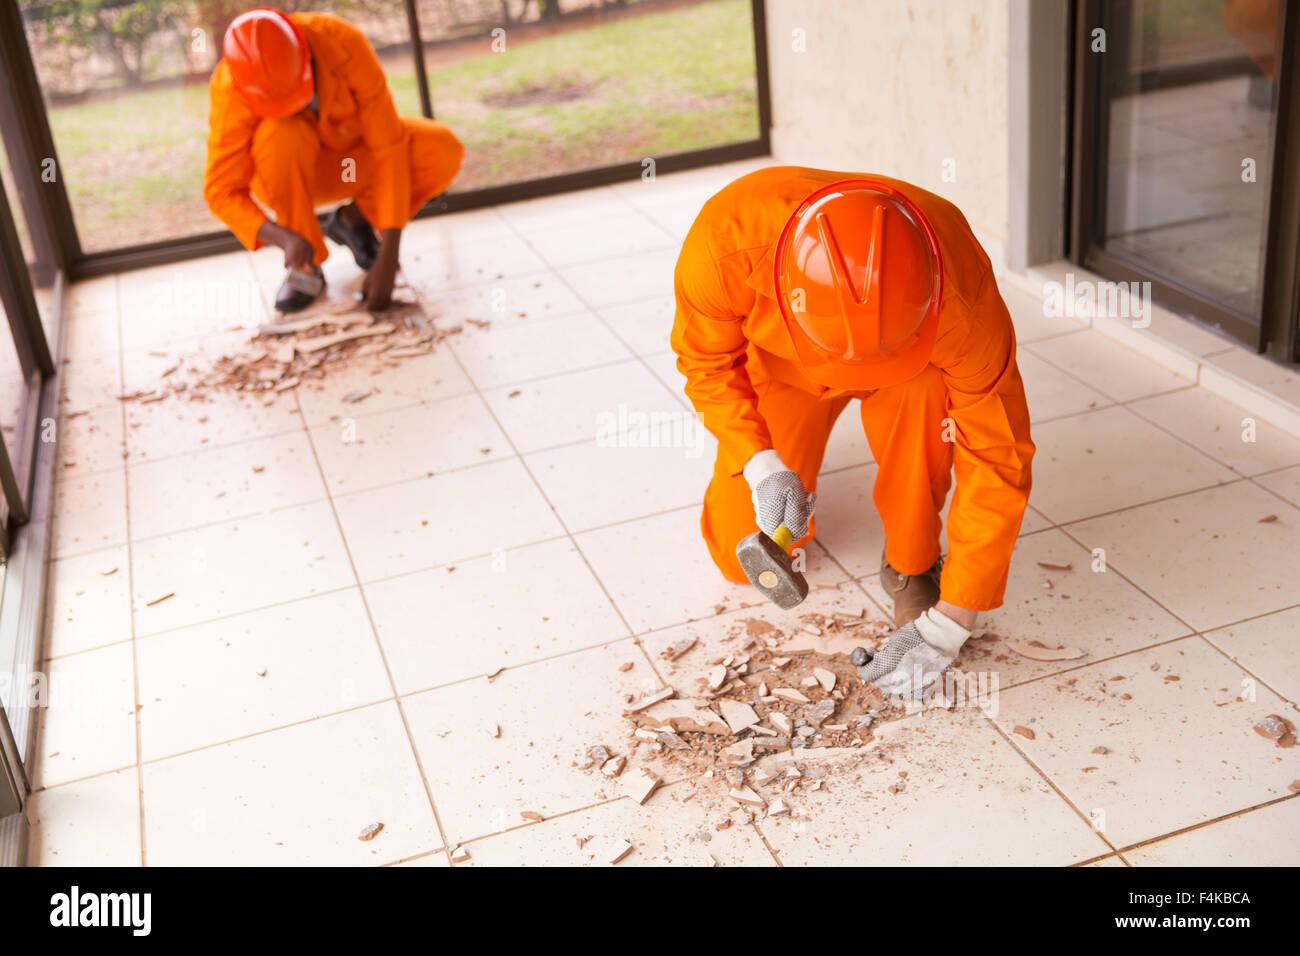 Auftragnehmer Entfernen Alte Bodenfliesen Mit Hammer Und Meissel